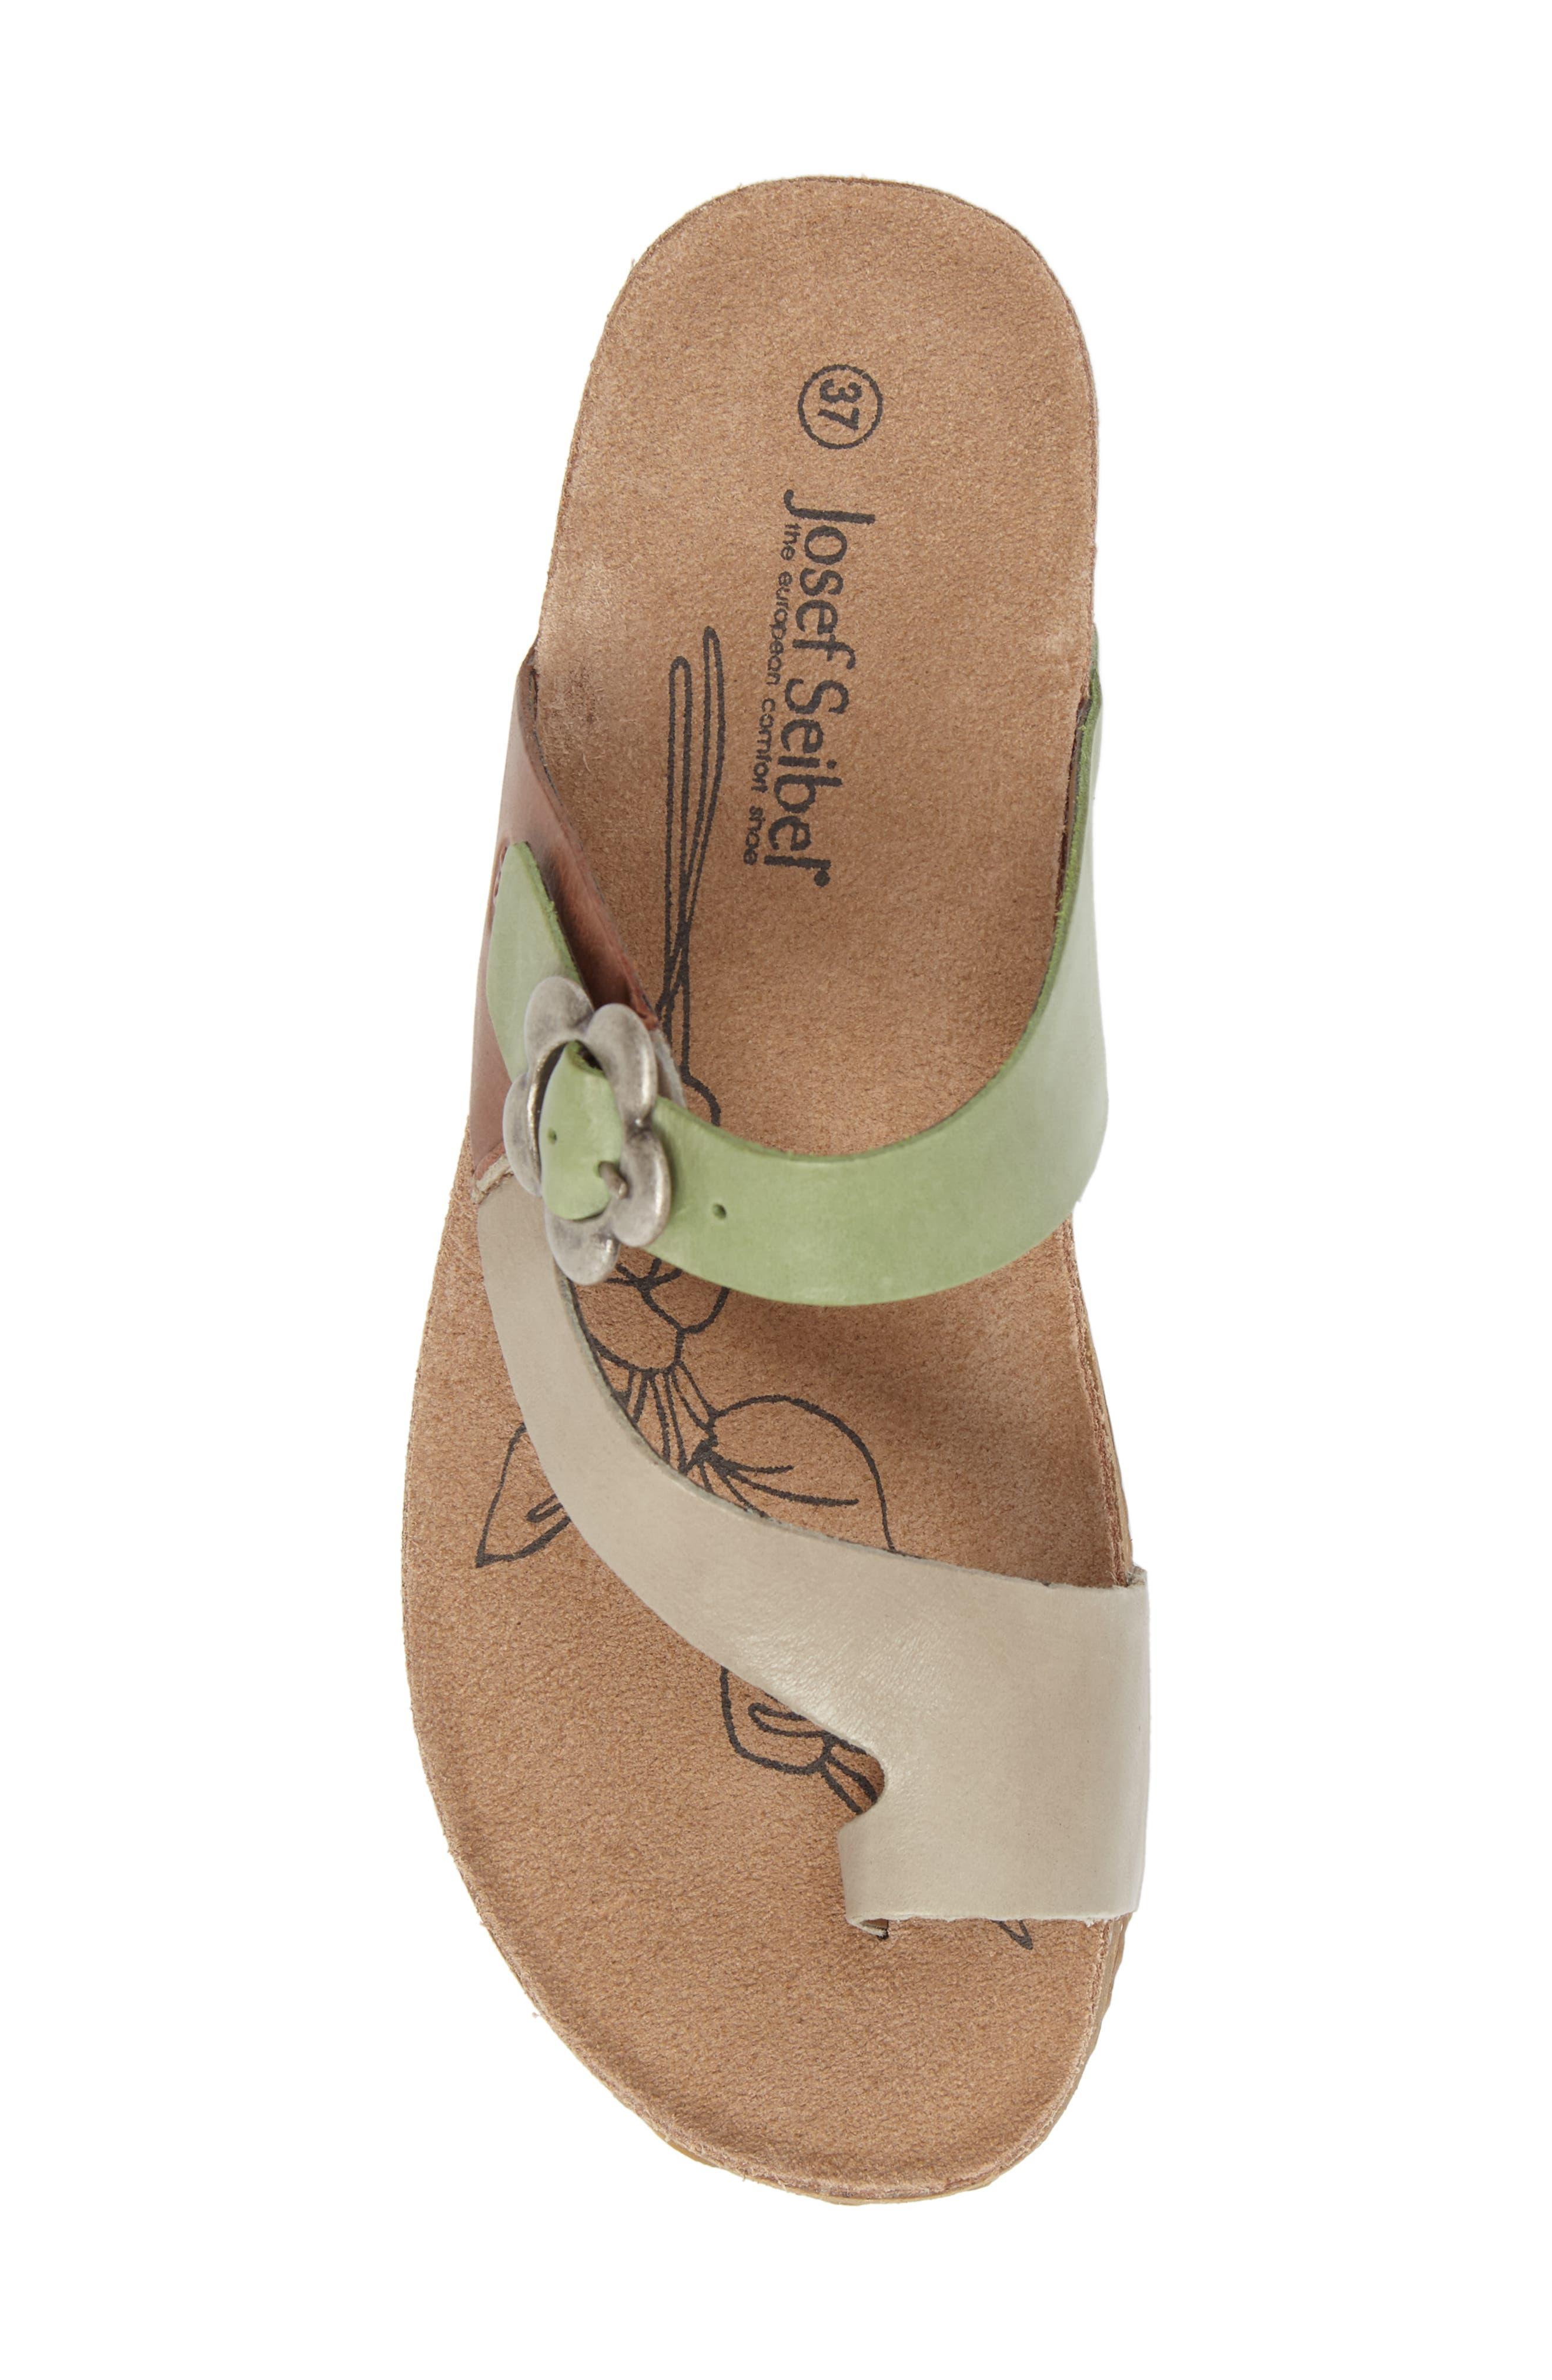 Tonga 23 Sandal,                             Alternate thumbnail 5, color,                             Grey Multi Leather